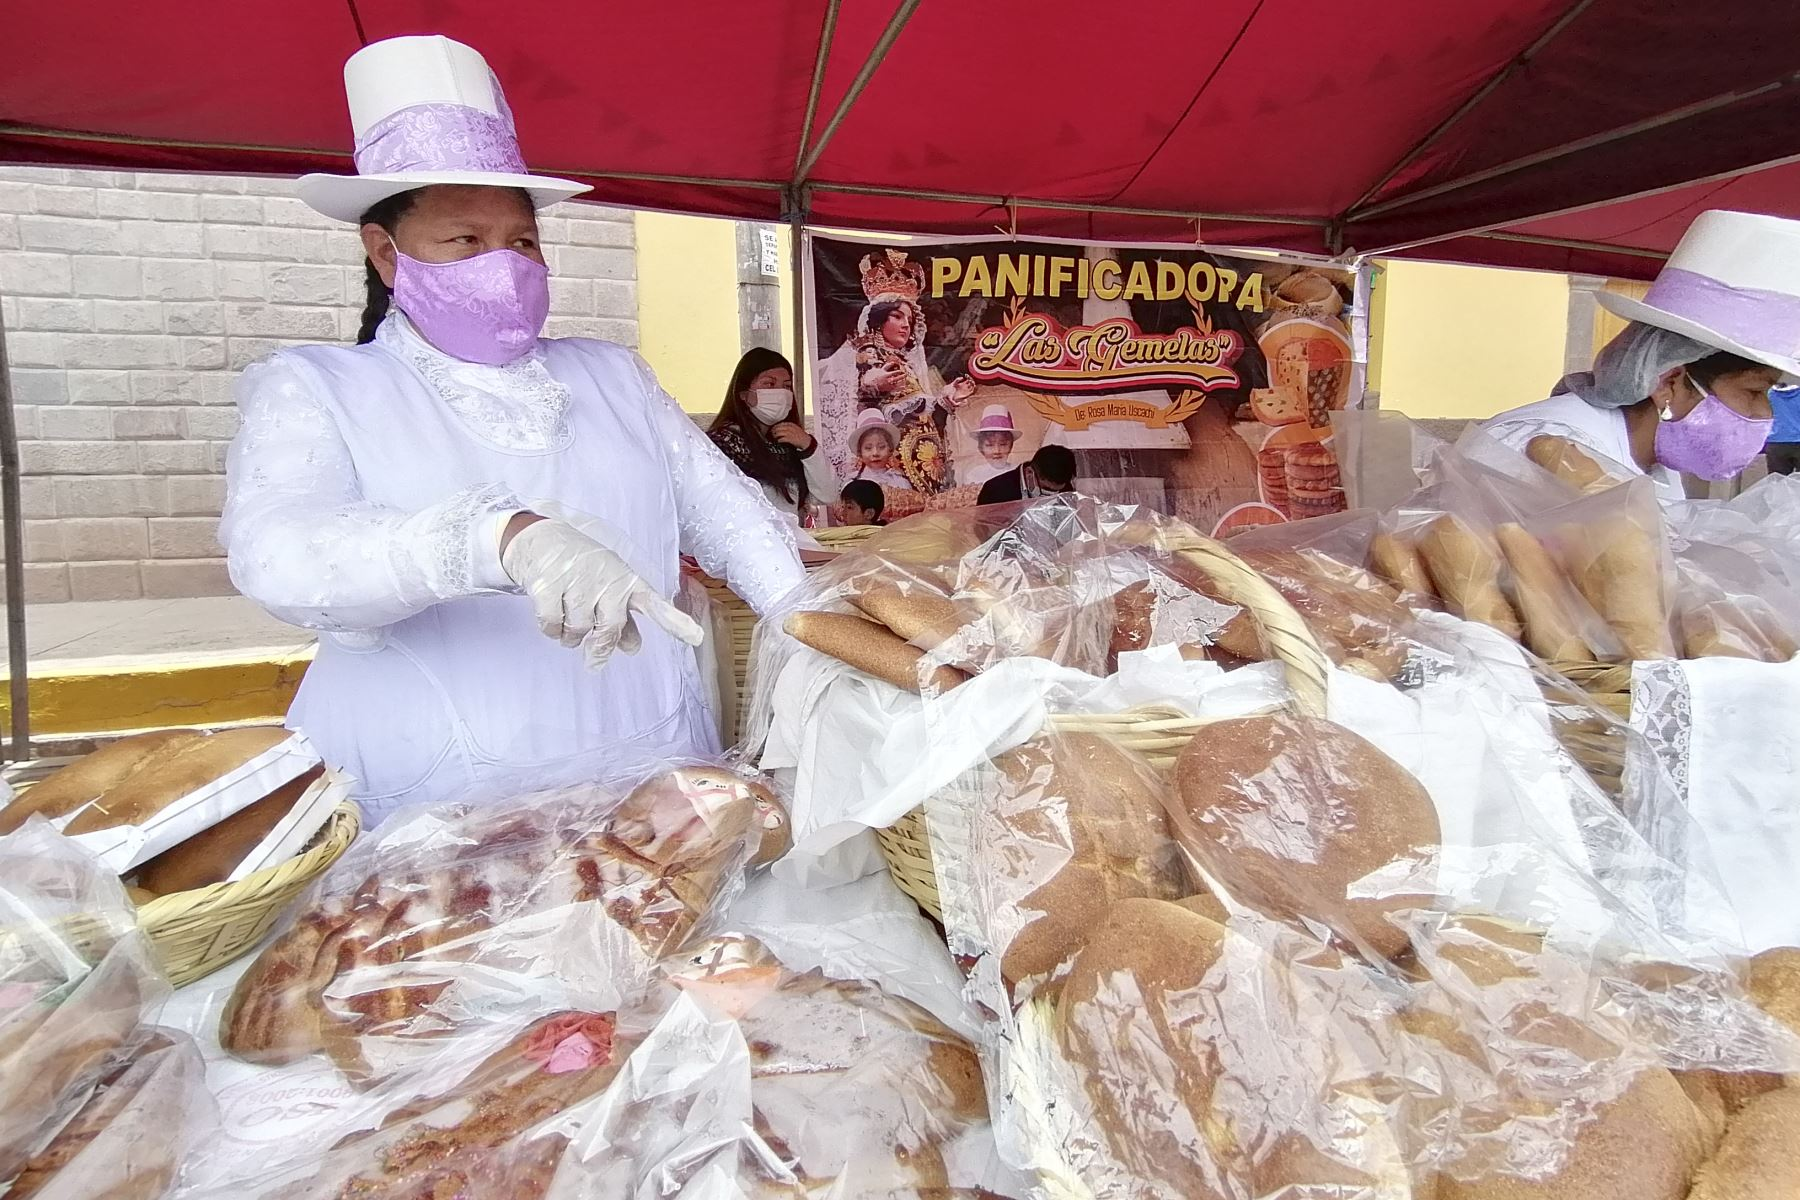 Por segundo año consecutivo se realiza el festival del típico pan cusqueño Huaro en el distrito que lleva el mismo nombre, ubicado al sureste de la ciudad del Cusco, a unos 40 minutos en auto por la vía nacional Cusco-Puno-Arequipa. Foto: Percy Hurtado Santillán